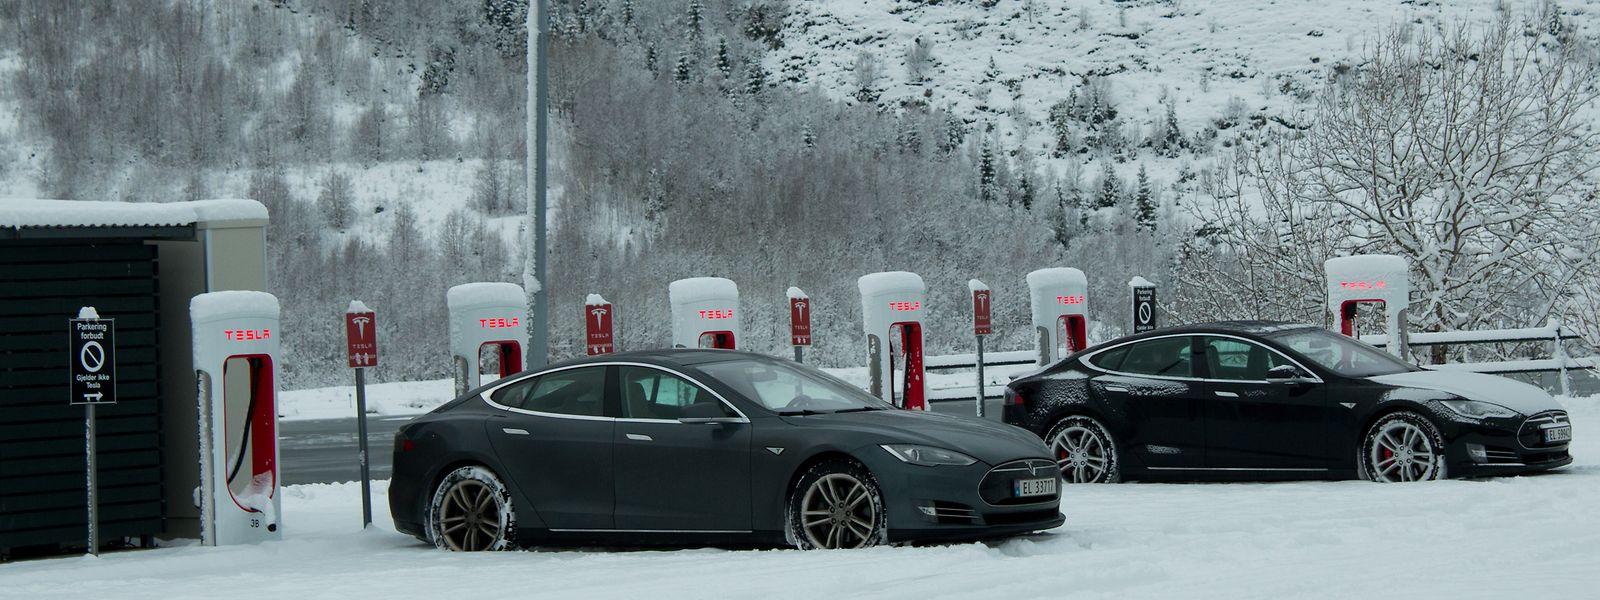 En 2017, un véhicule sur deux vendu en Norvège était une voiture électrique.